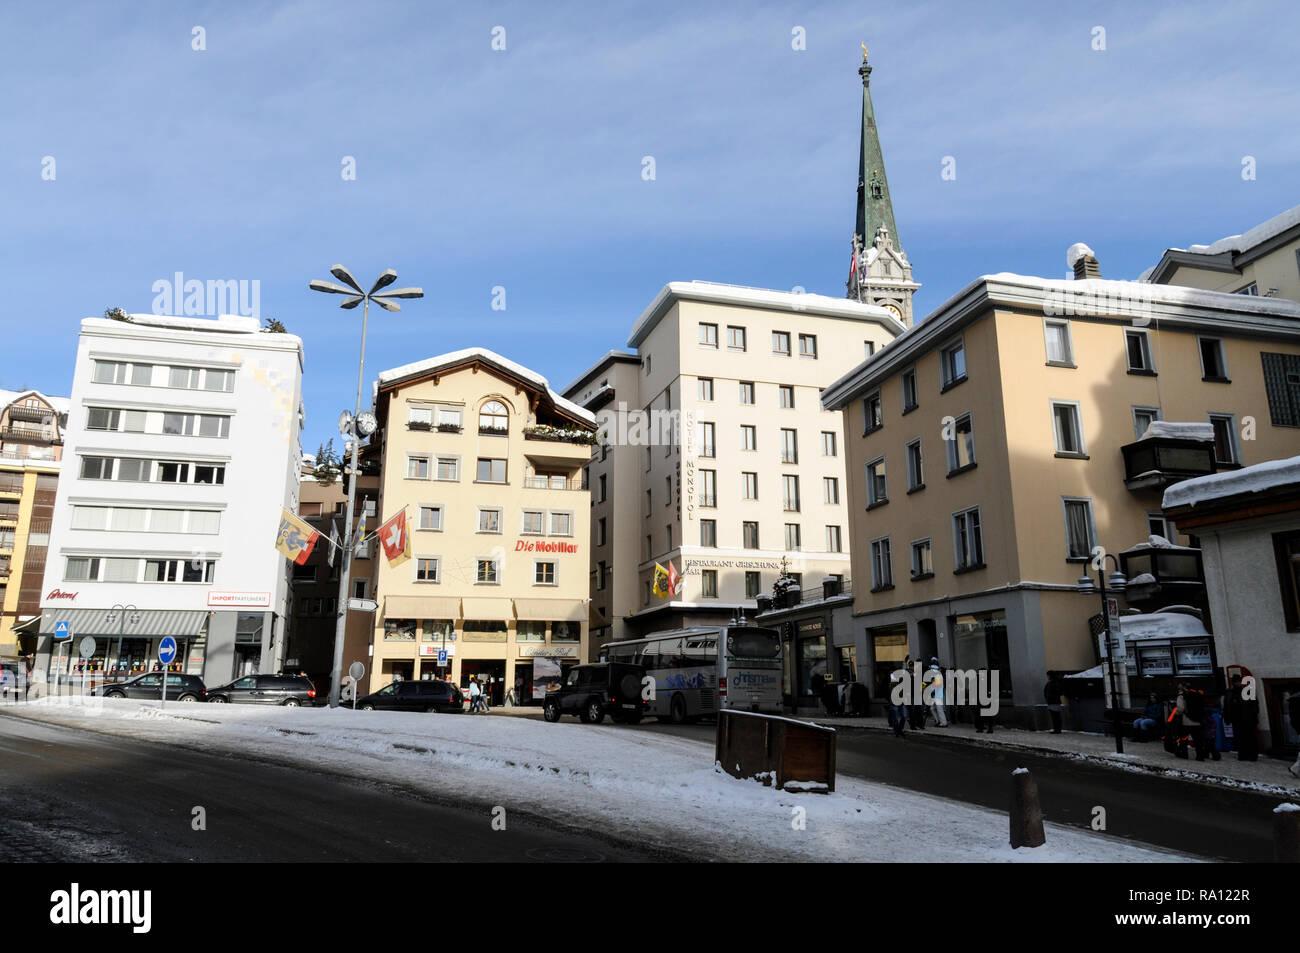 Place da la Posta Veglia in St. Moritz,Switzerland - Stock Image